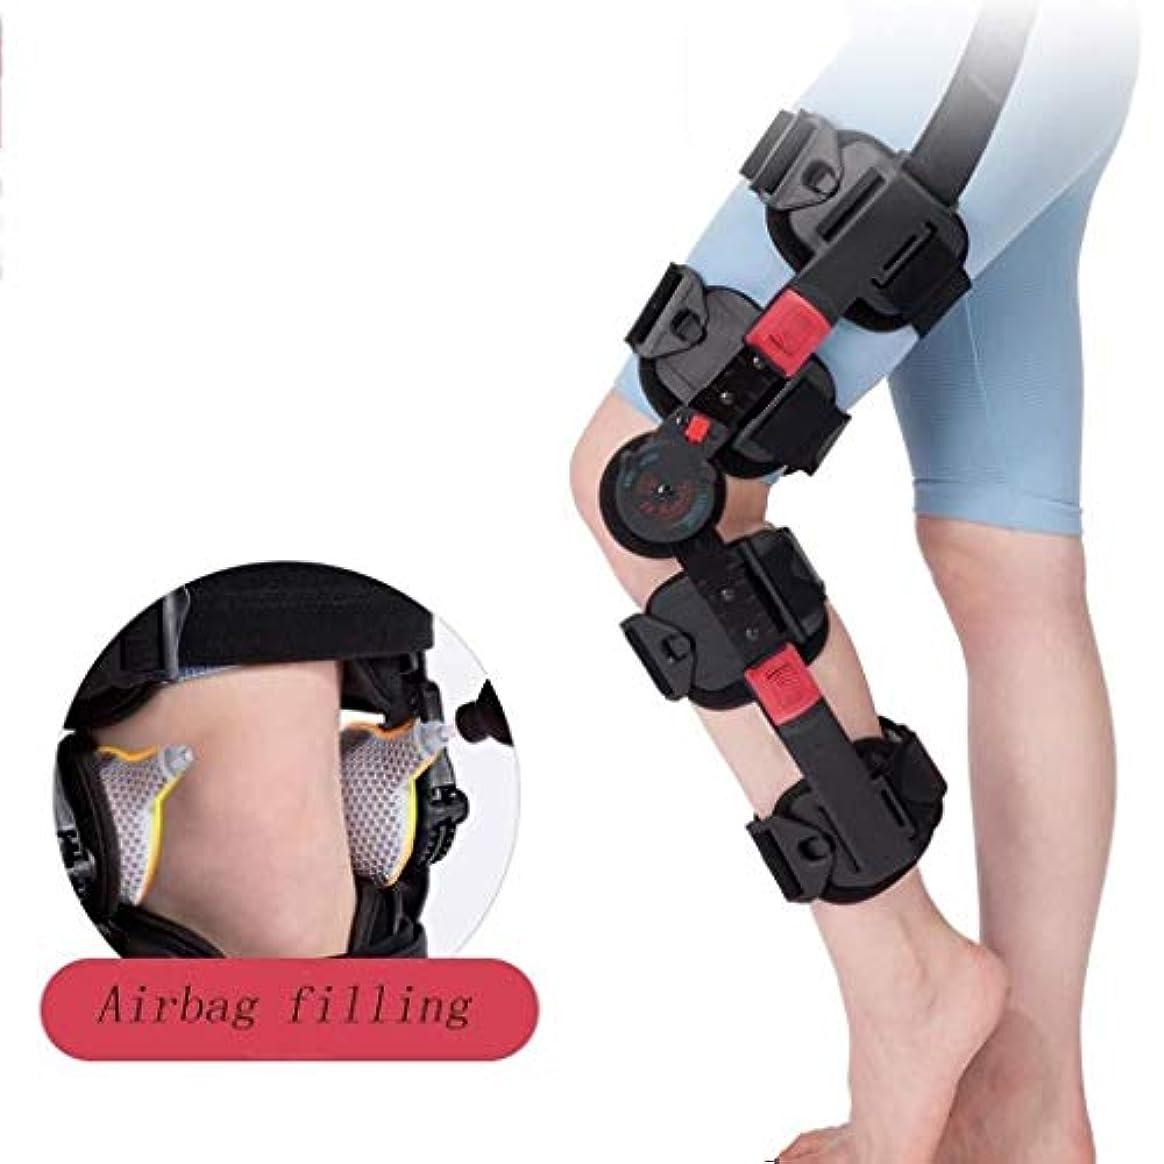 サワー心配スリップシューズヒンジ式ROM膝ブレース、調節可能なポストOP膝蓋骨ブレースサポートスタビライザーパッド装具スプリントラップ医療用整形外科用ガードプロテクター